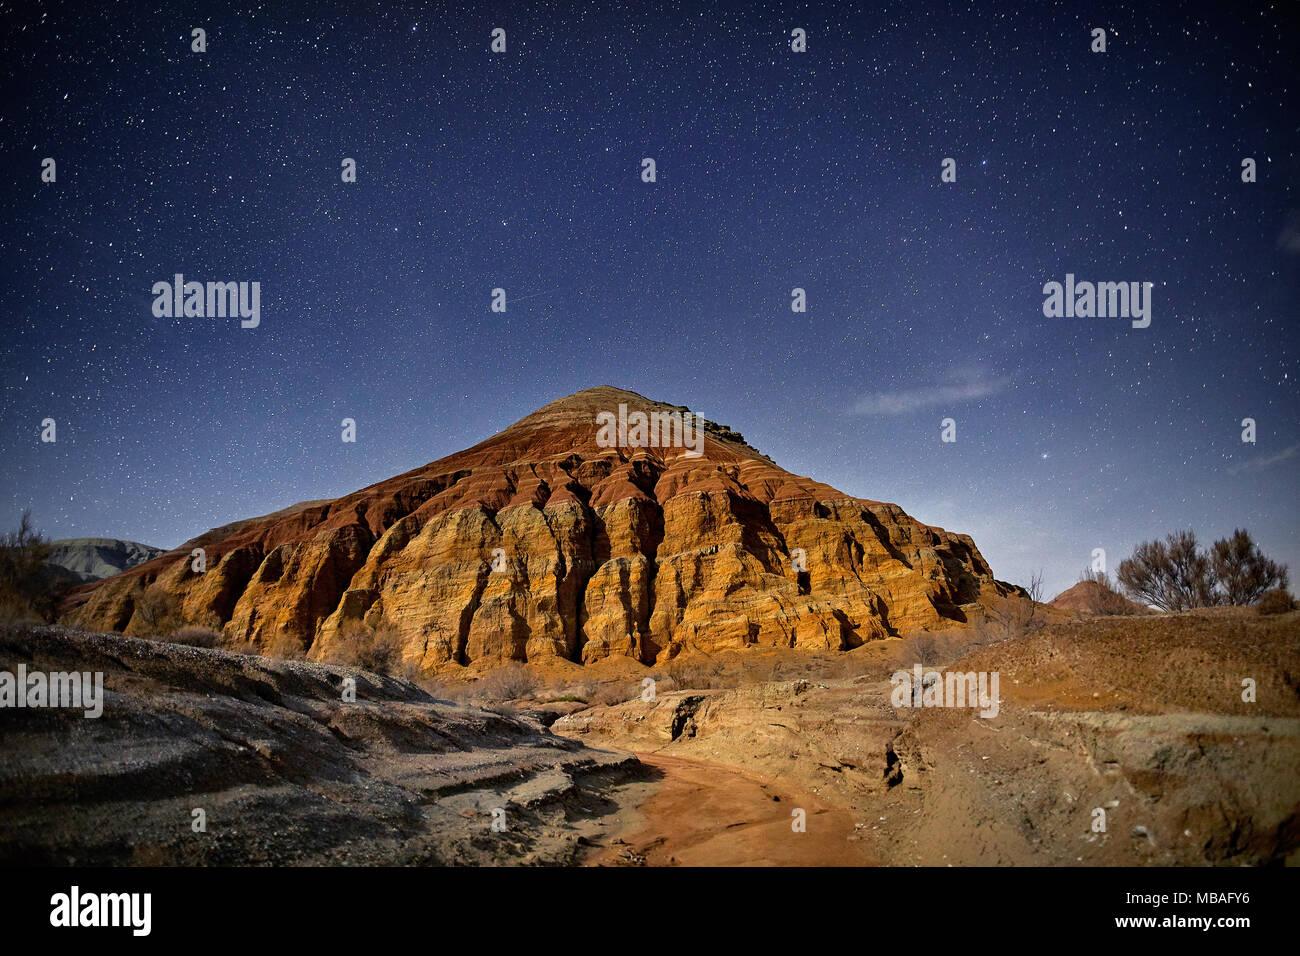 La montagne rouge de forme pyramidale dans le désert à fond de ciel étoilé de nuit. La photographie d'astronomie de l'espace et des constellations. Photo Stock